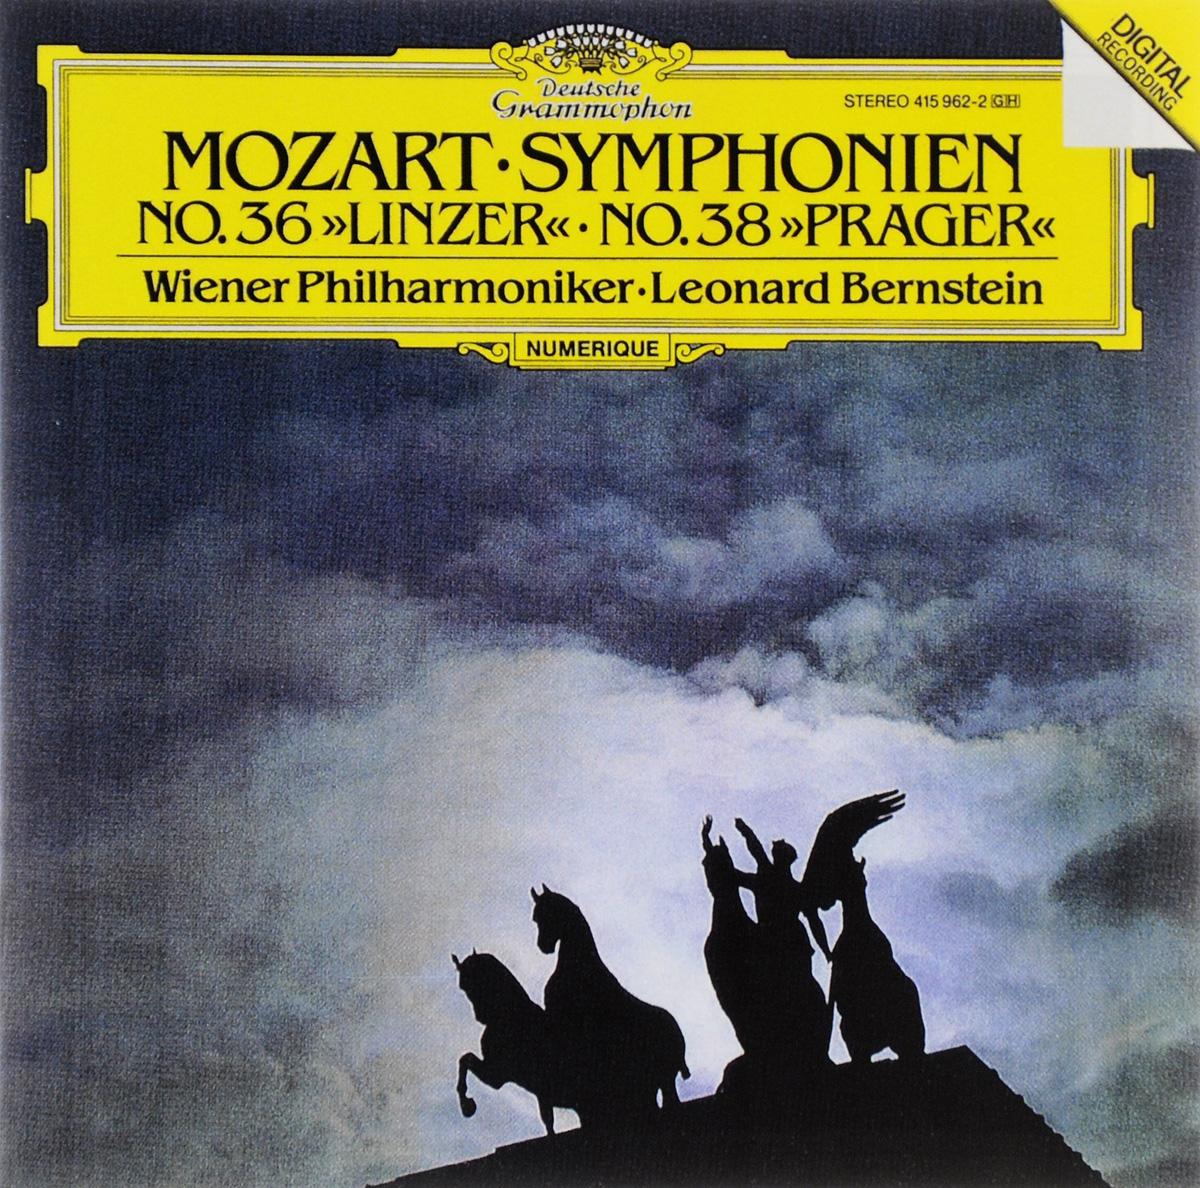 Вольфганг Моцарт Mozart. Symphonien No.36 Linzer & No.38 Prager роберт шуман symphonie 1 b dur sib majeur